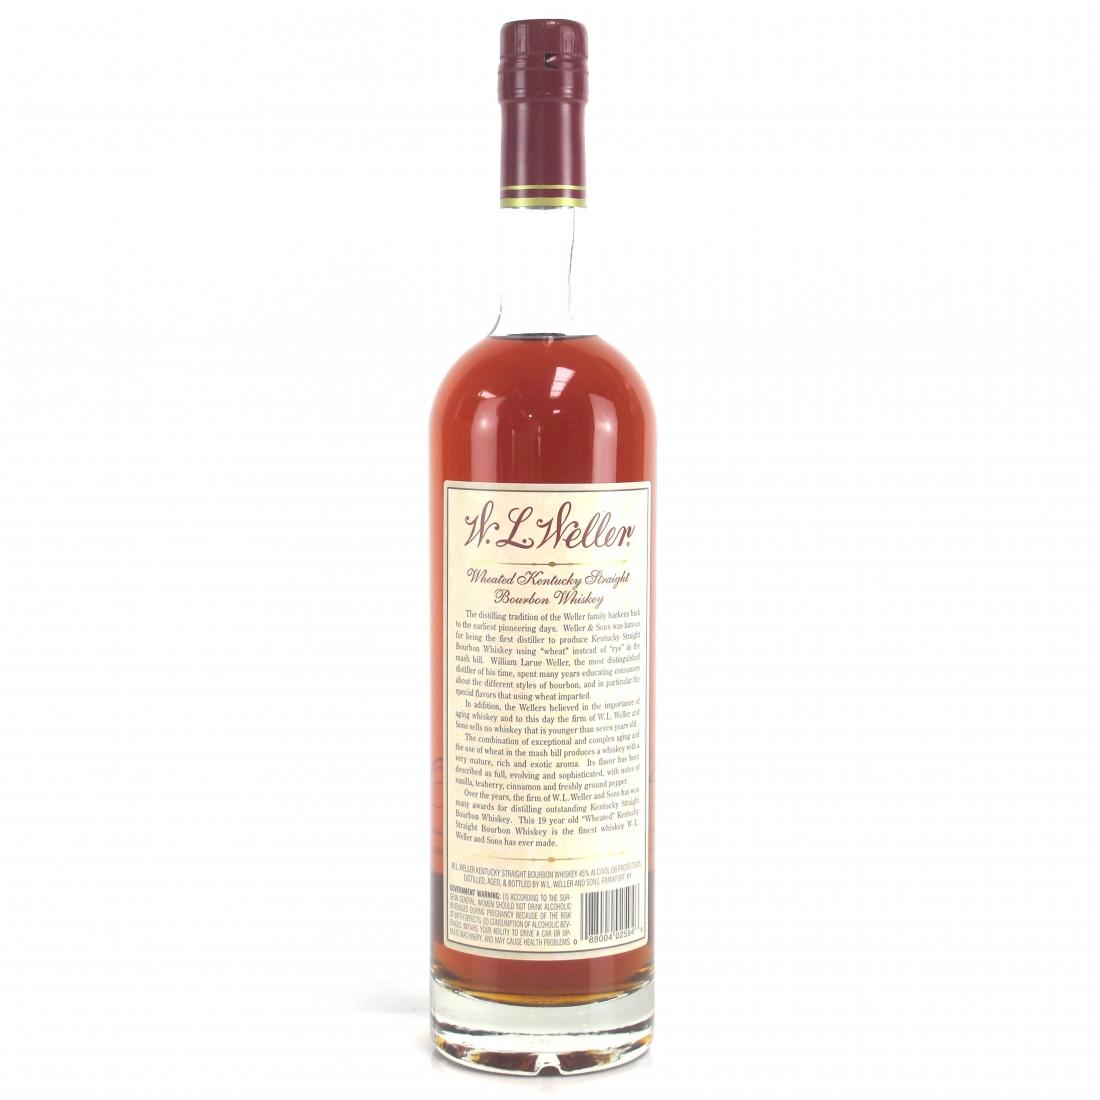 William L Weller 1982 19 Year Old / Bottled 2001